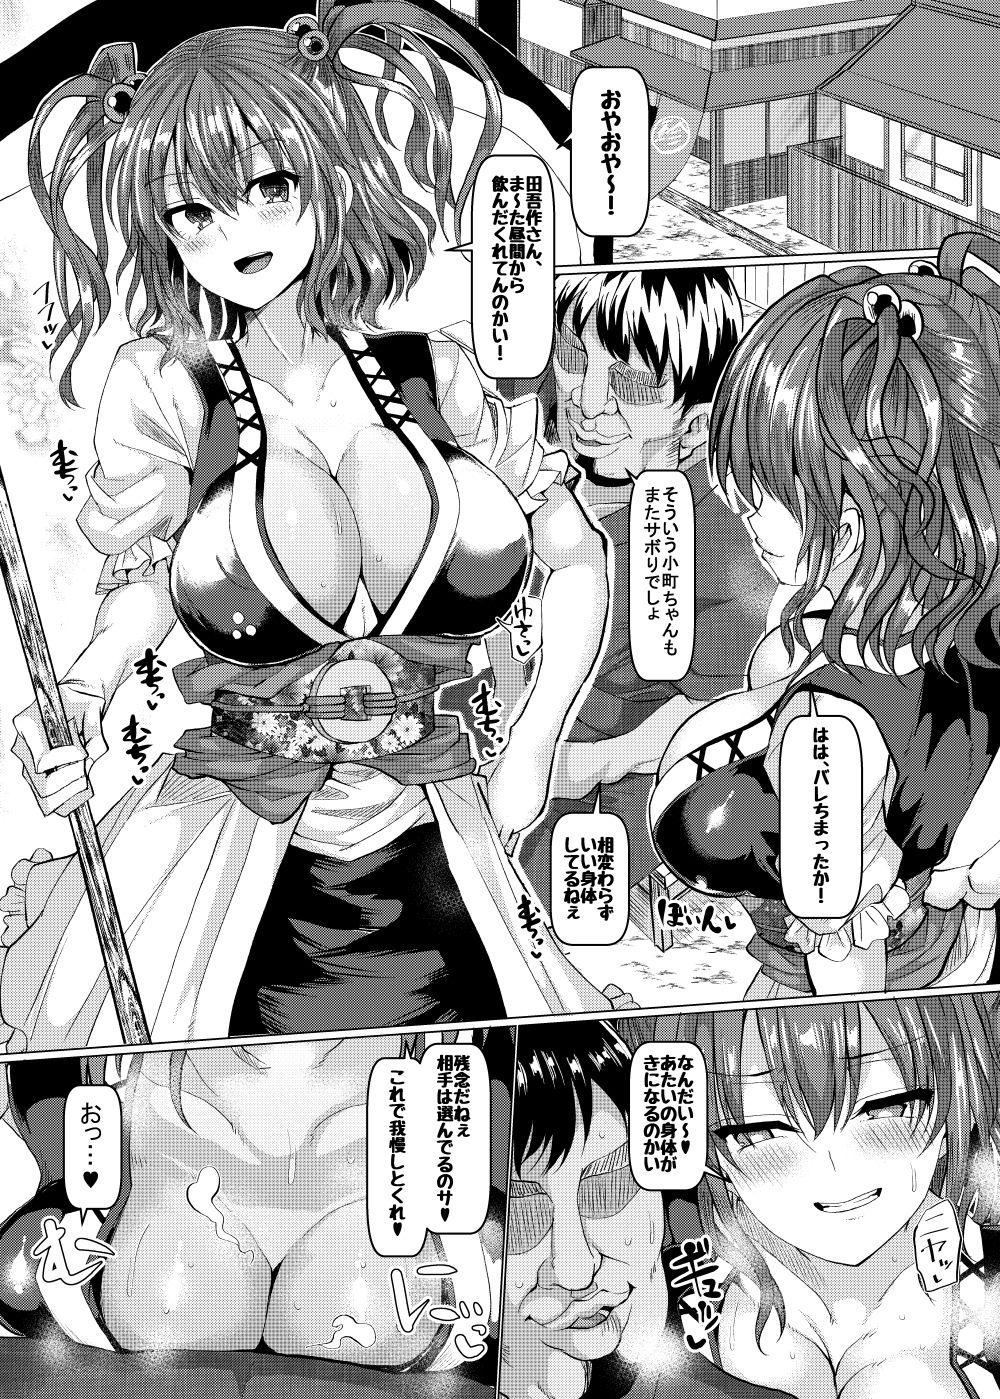 【ちんちん亭 同人】催眠で死神のマゾメスを暴け!!